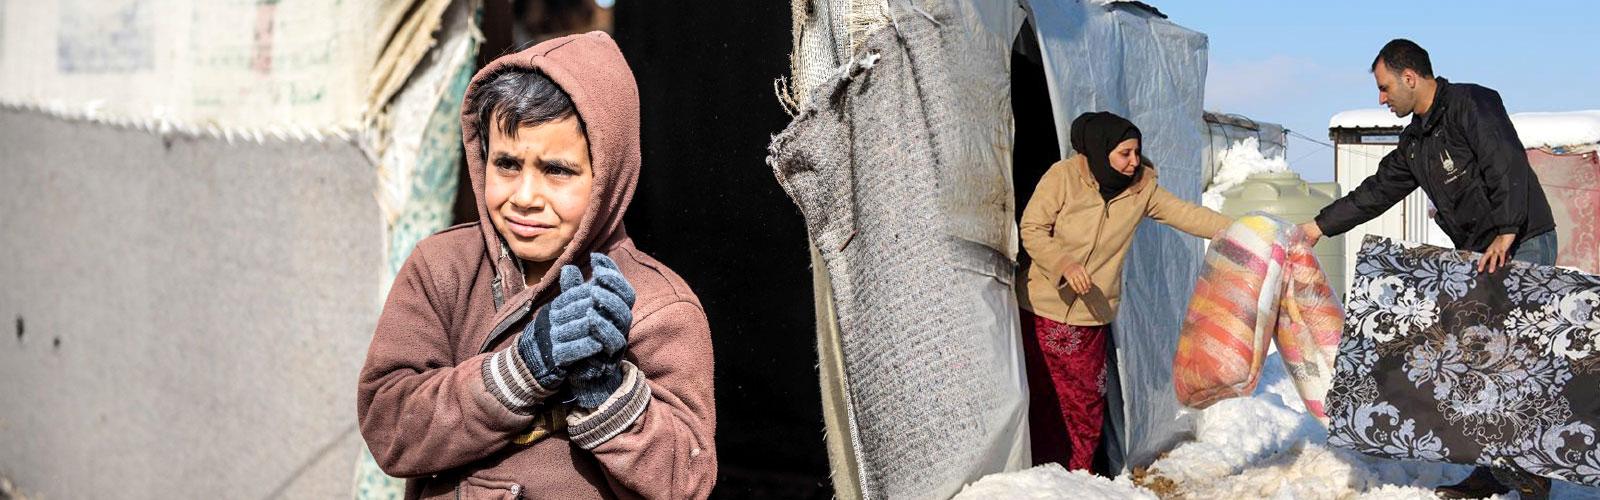 Winterhilfe für Flüchtlinge - jetzt spenden!